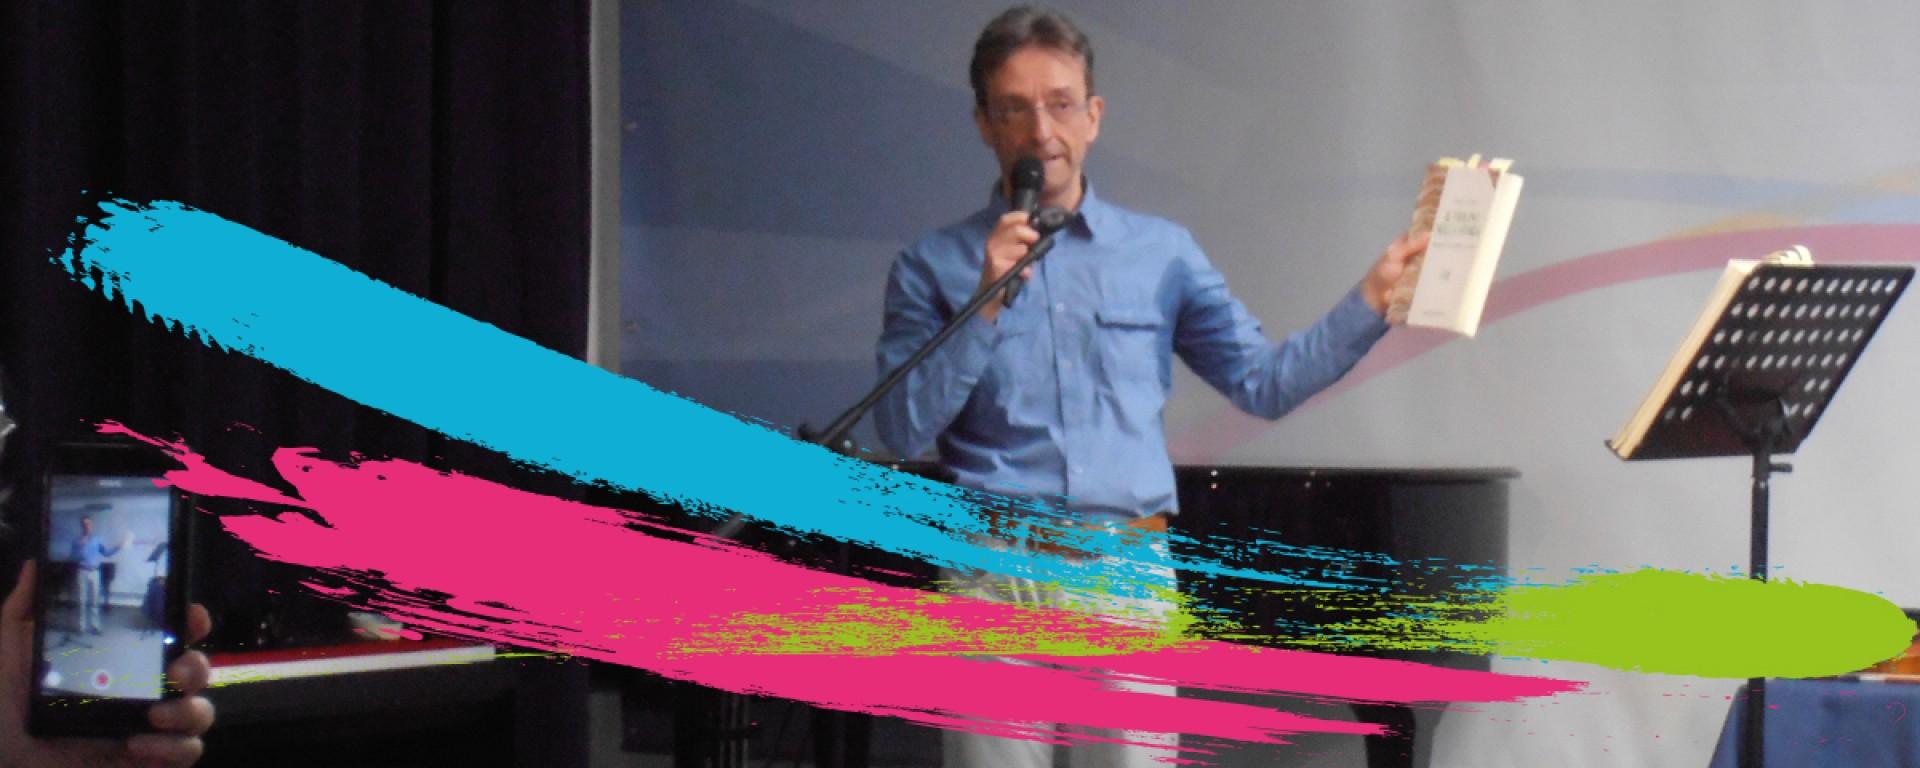 Eliano Calamaro